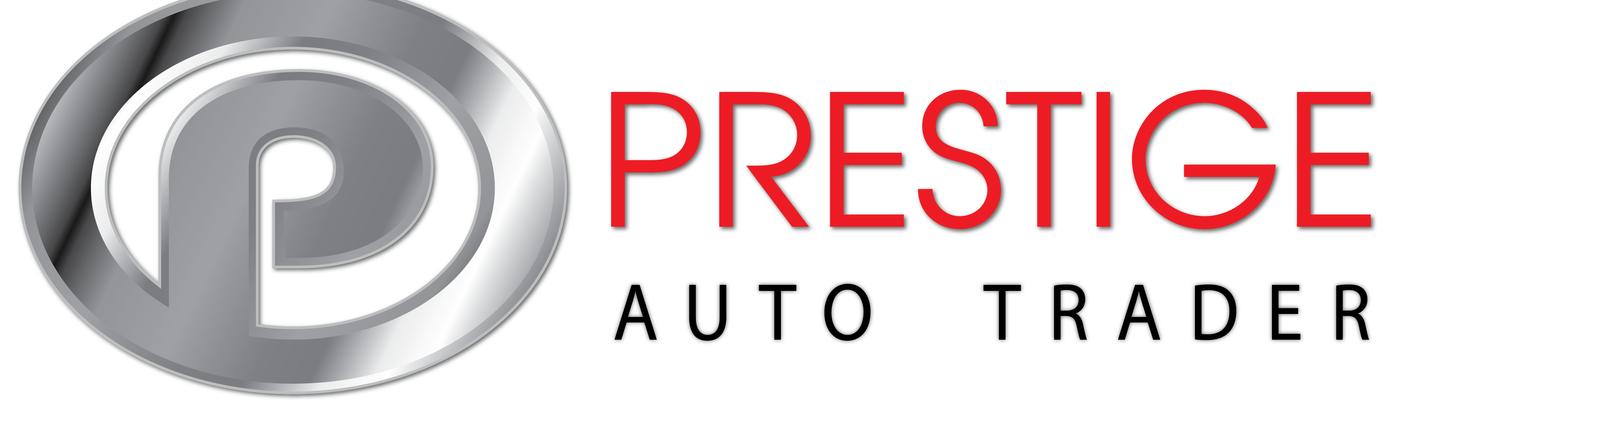 Prestige Auto Trader Group - Miami, FL: Read Consumer reviews ...